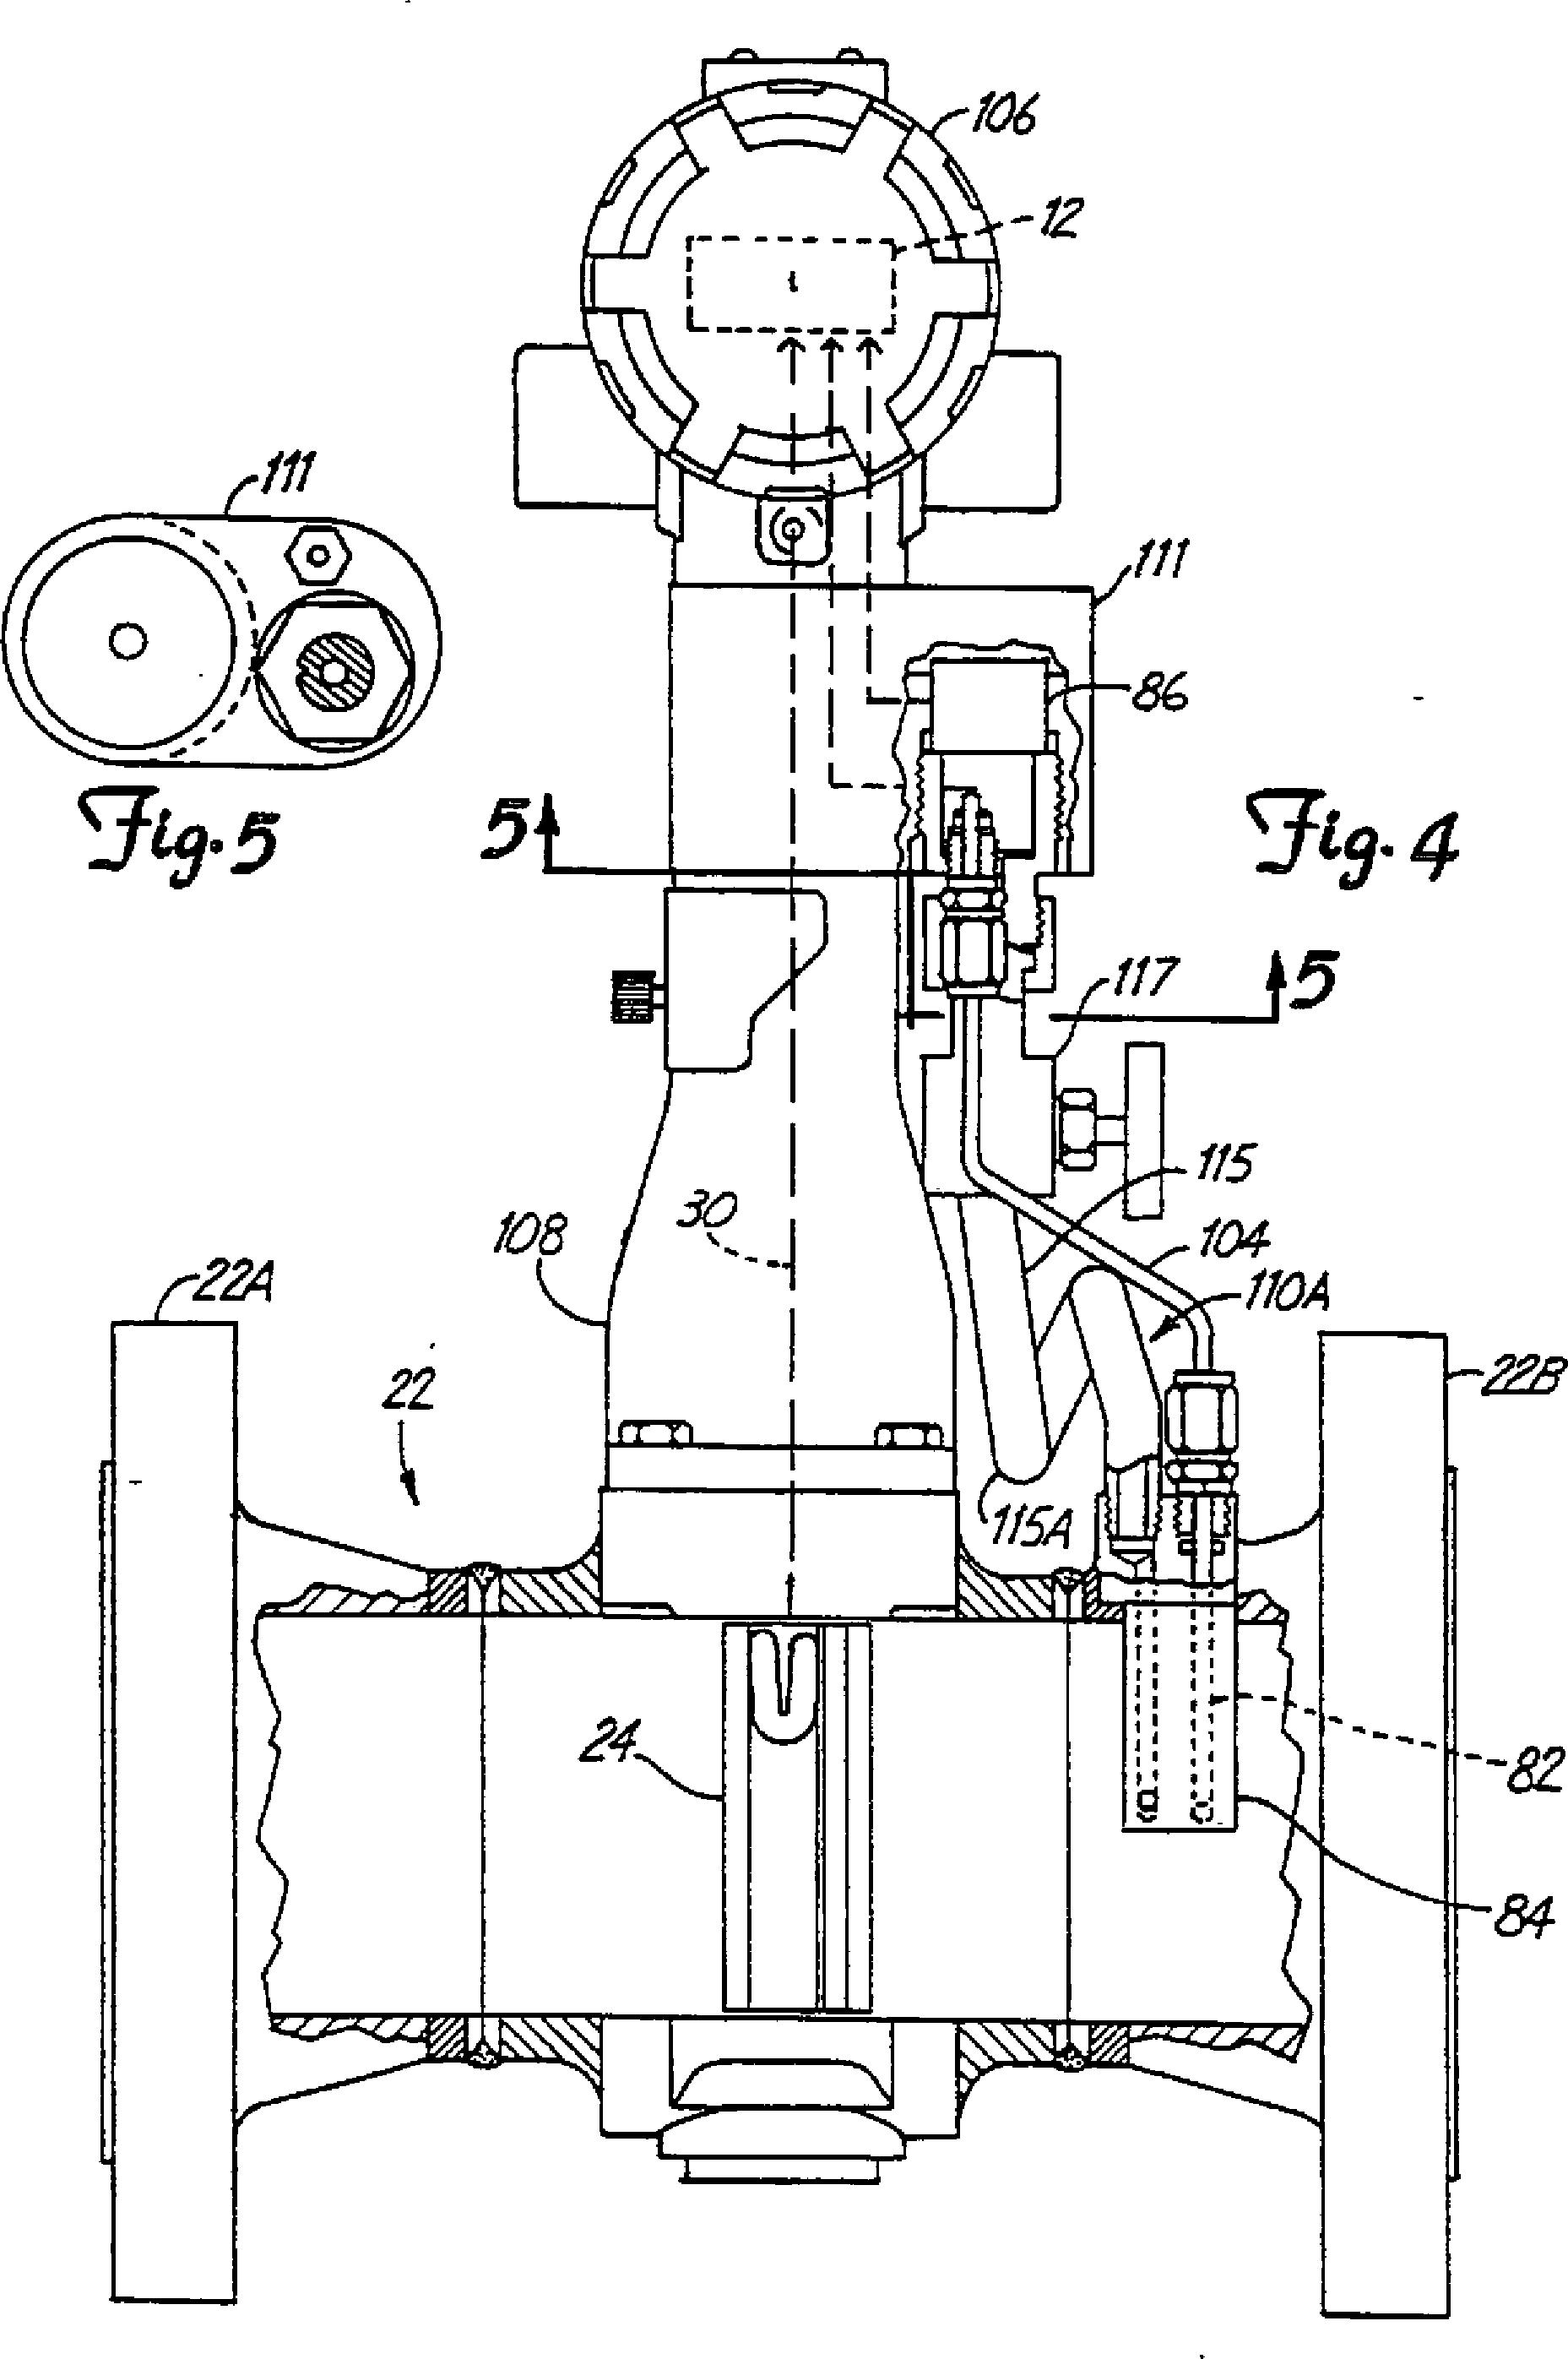 patent de19882239b3 wirbel durchflu messer mit signalverarbeitung google patentsuche. Black Bedroom Furniture Sets. Home Design Ideas